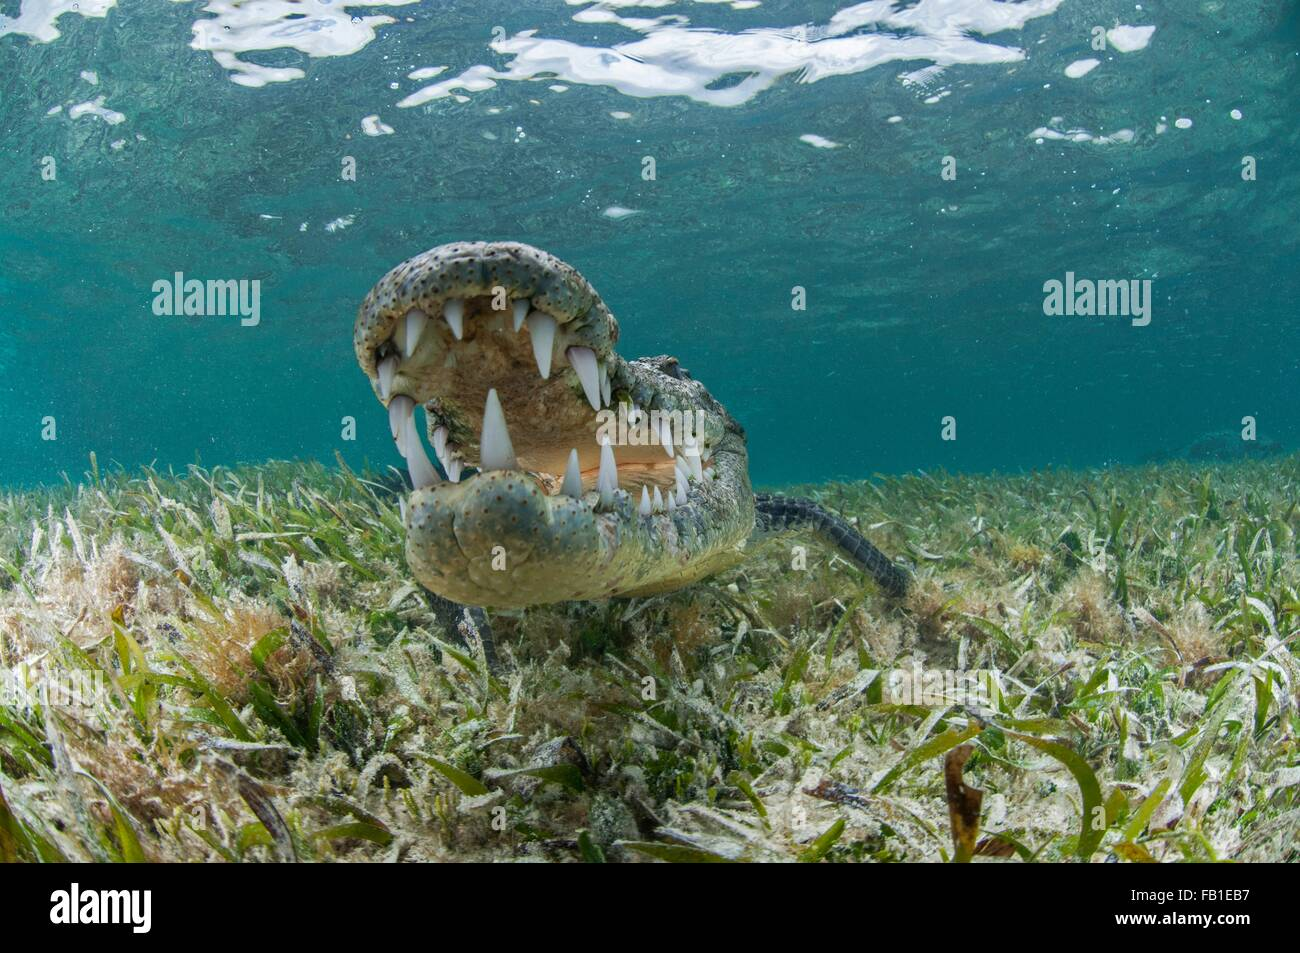 Unterwasser Vorderansicht des Krokodils auf Seegras, Mund öffnen zeigt Zähne, Chinchorro-Atoll, Quintana Stockbild